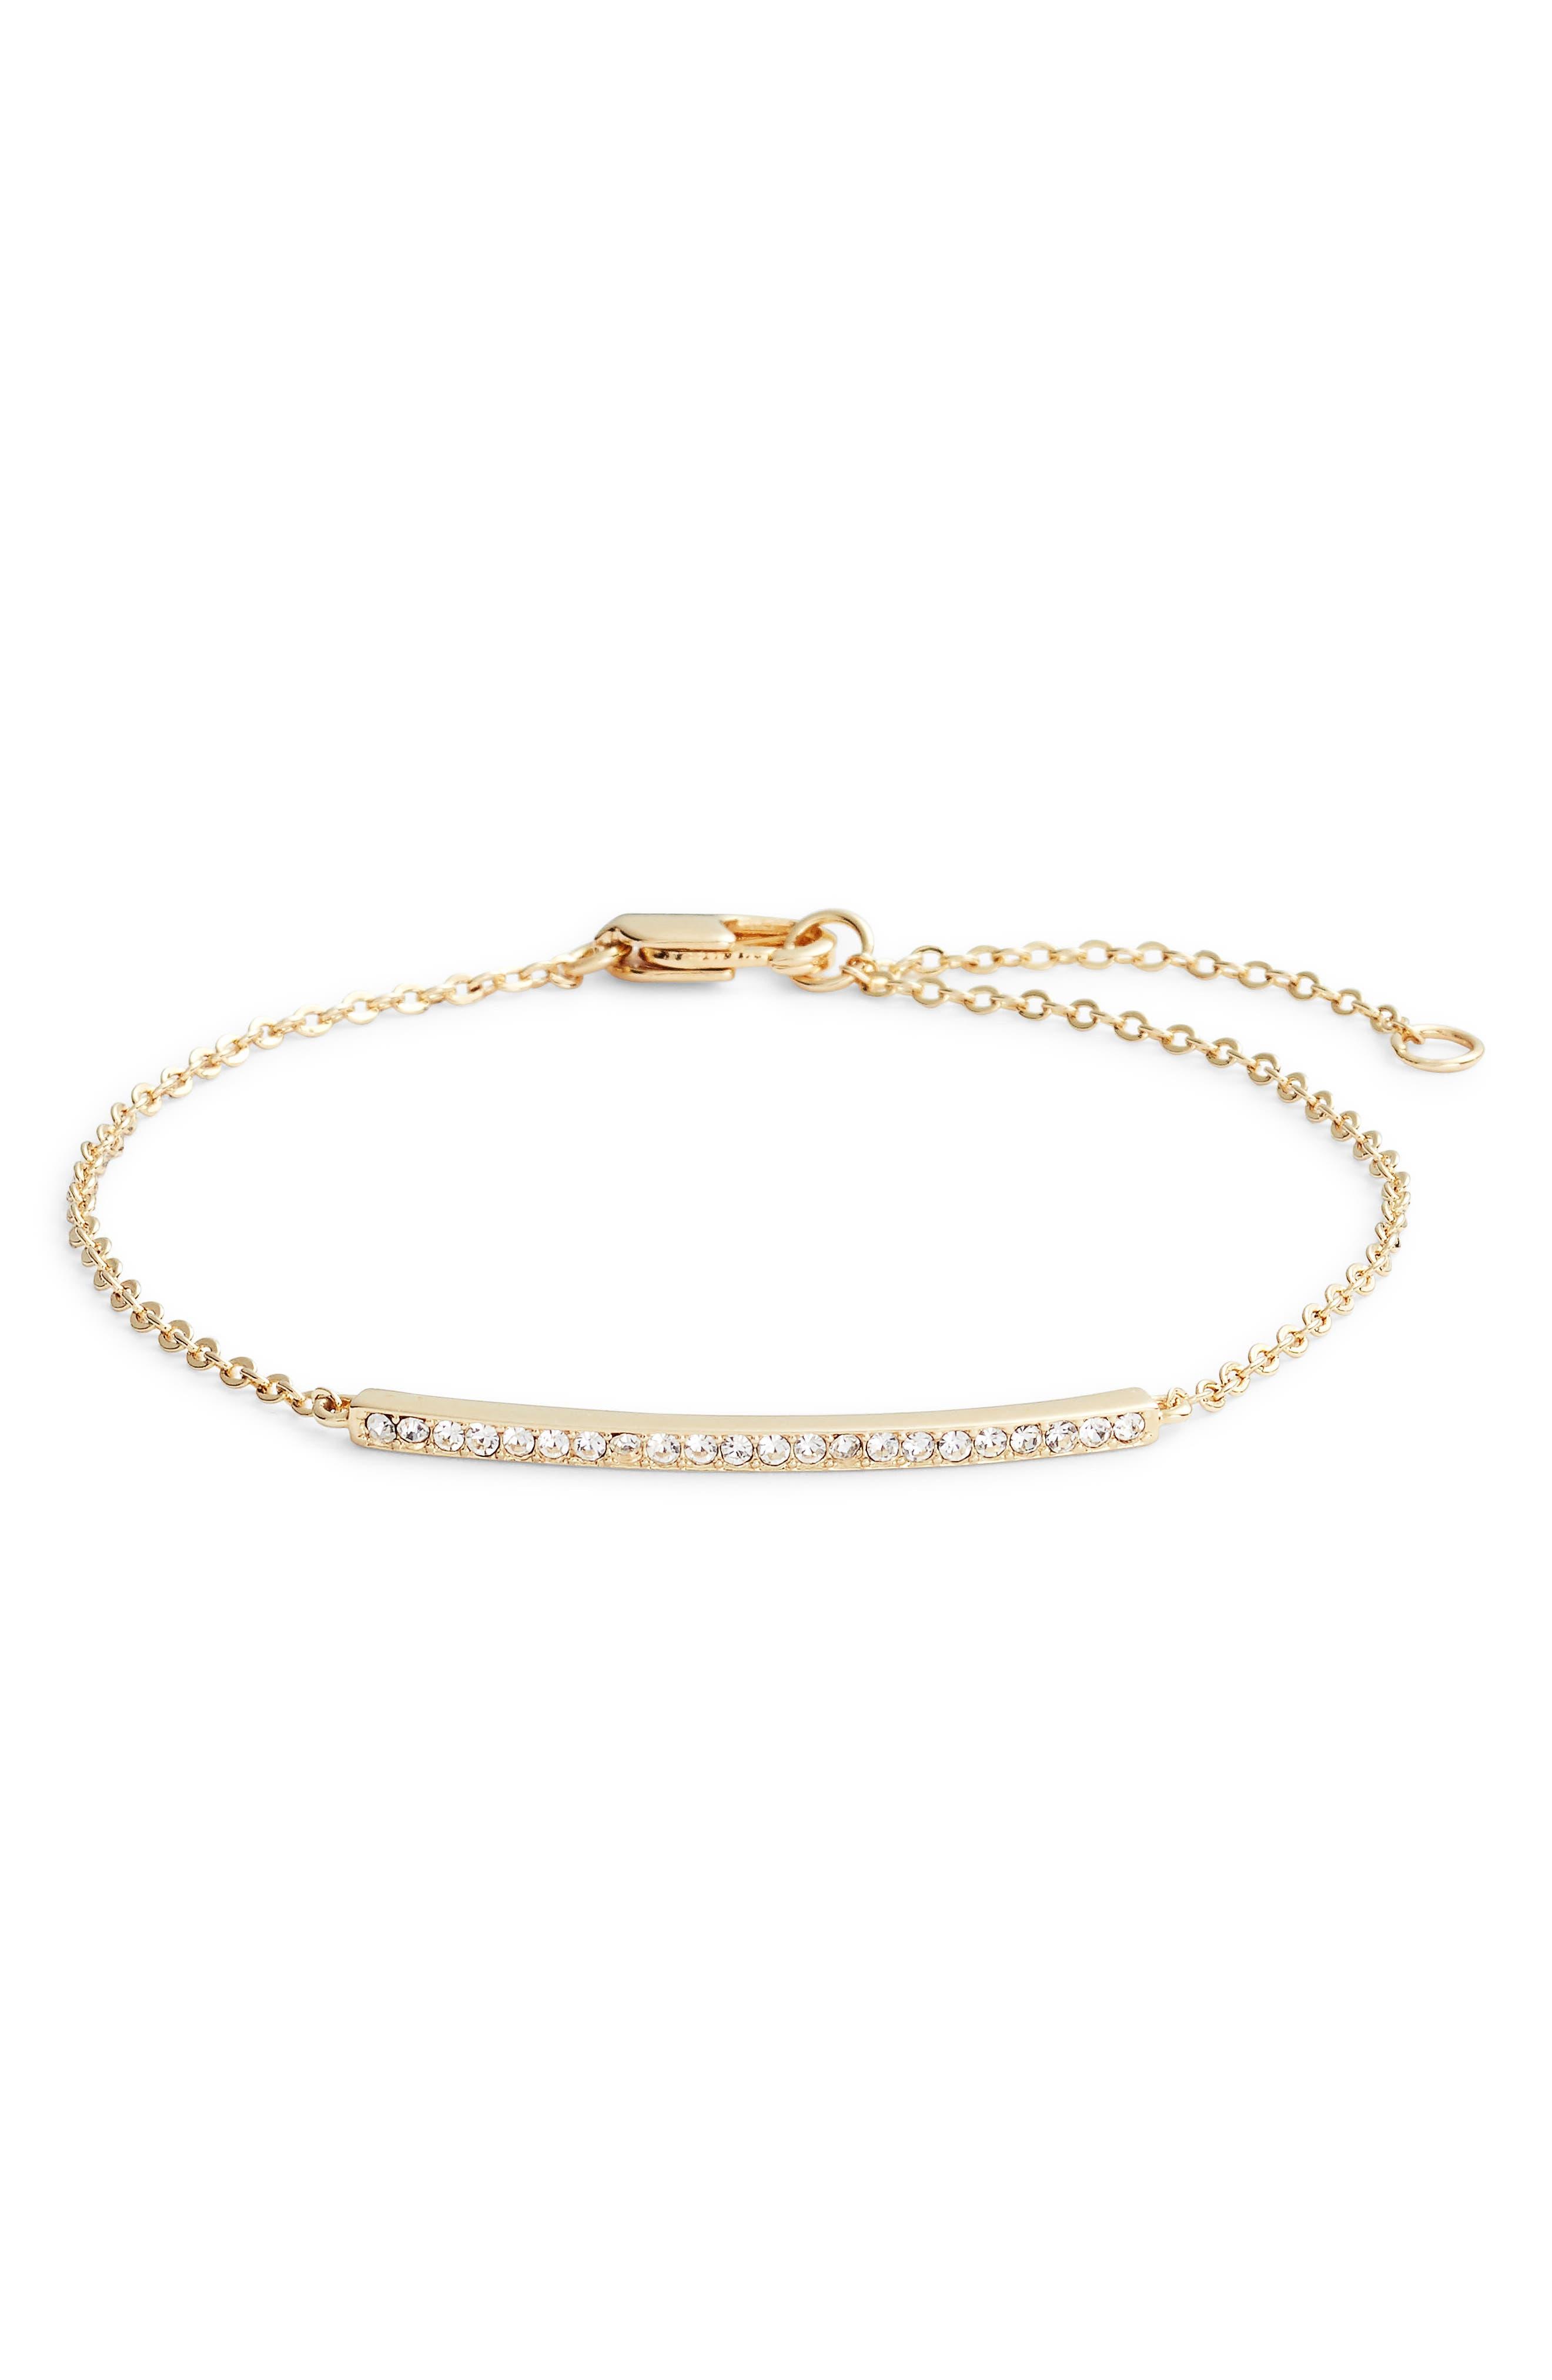 Pavé Bar Bracelet,                             Main thumbnail 1, color,                             CLEAR- GOLD